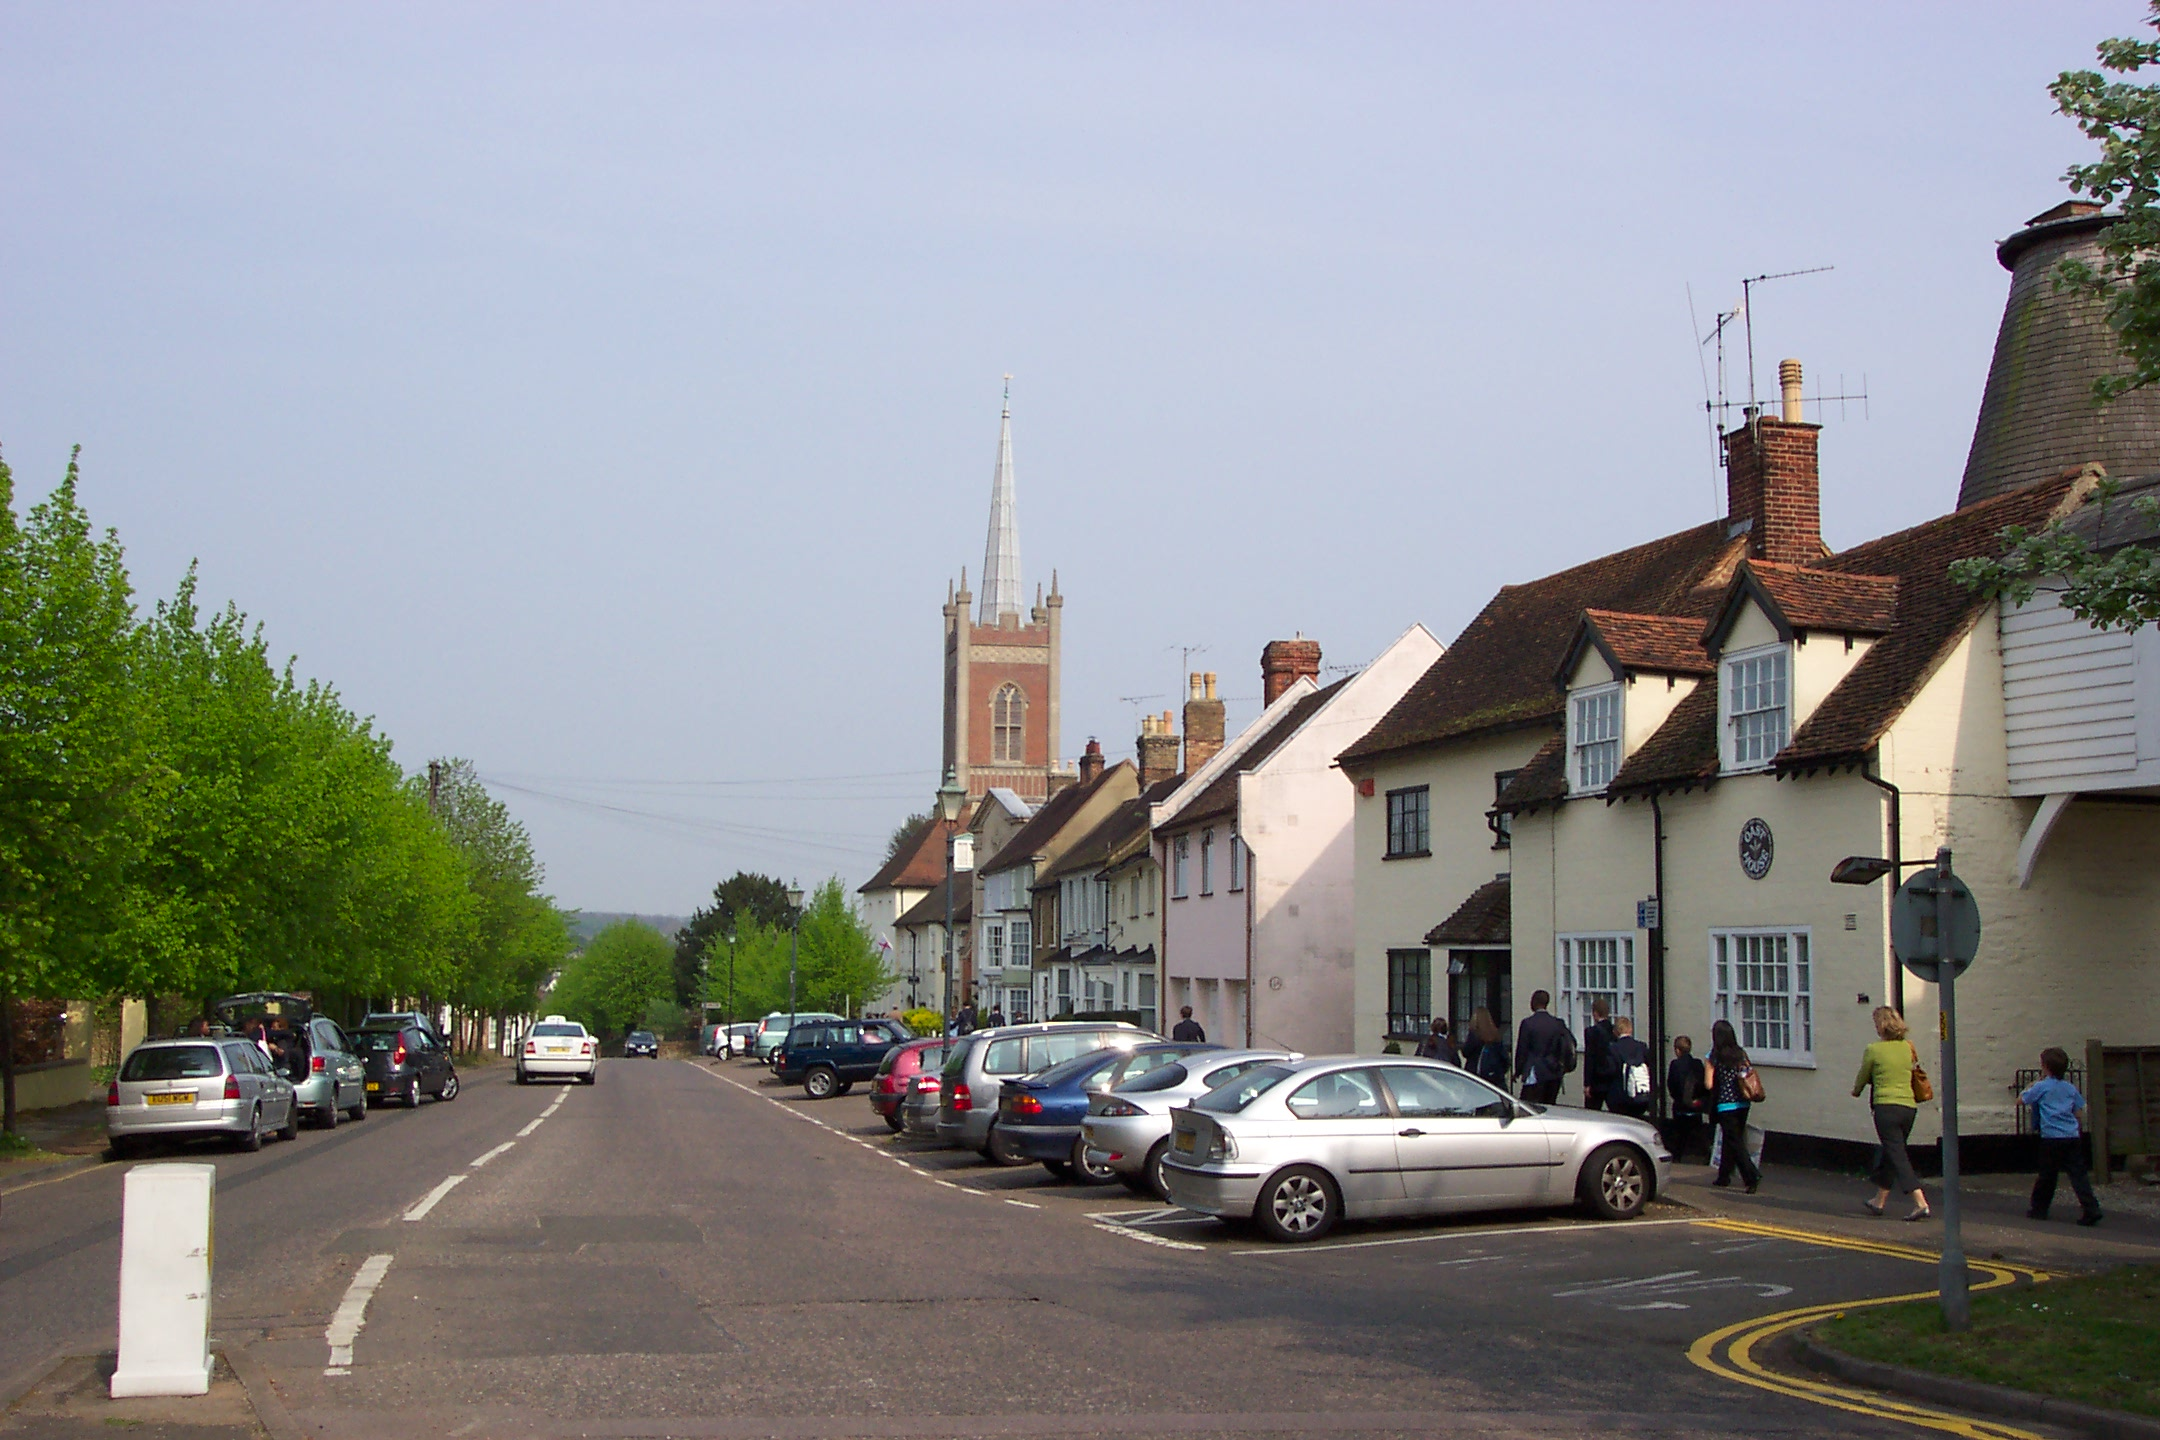 Loft conversion in Bishops Stortford, Hertfordshire